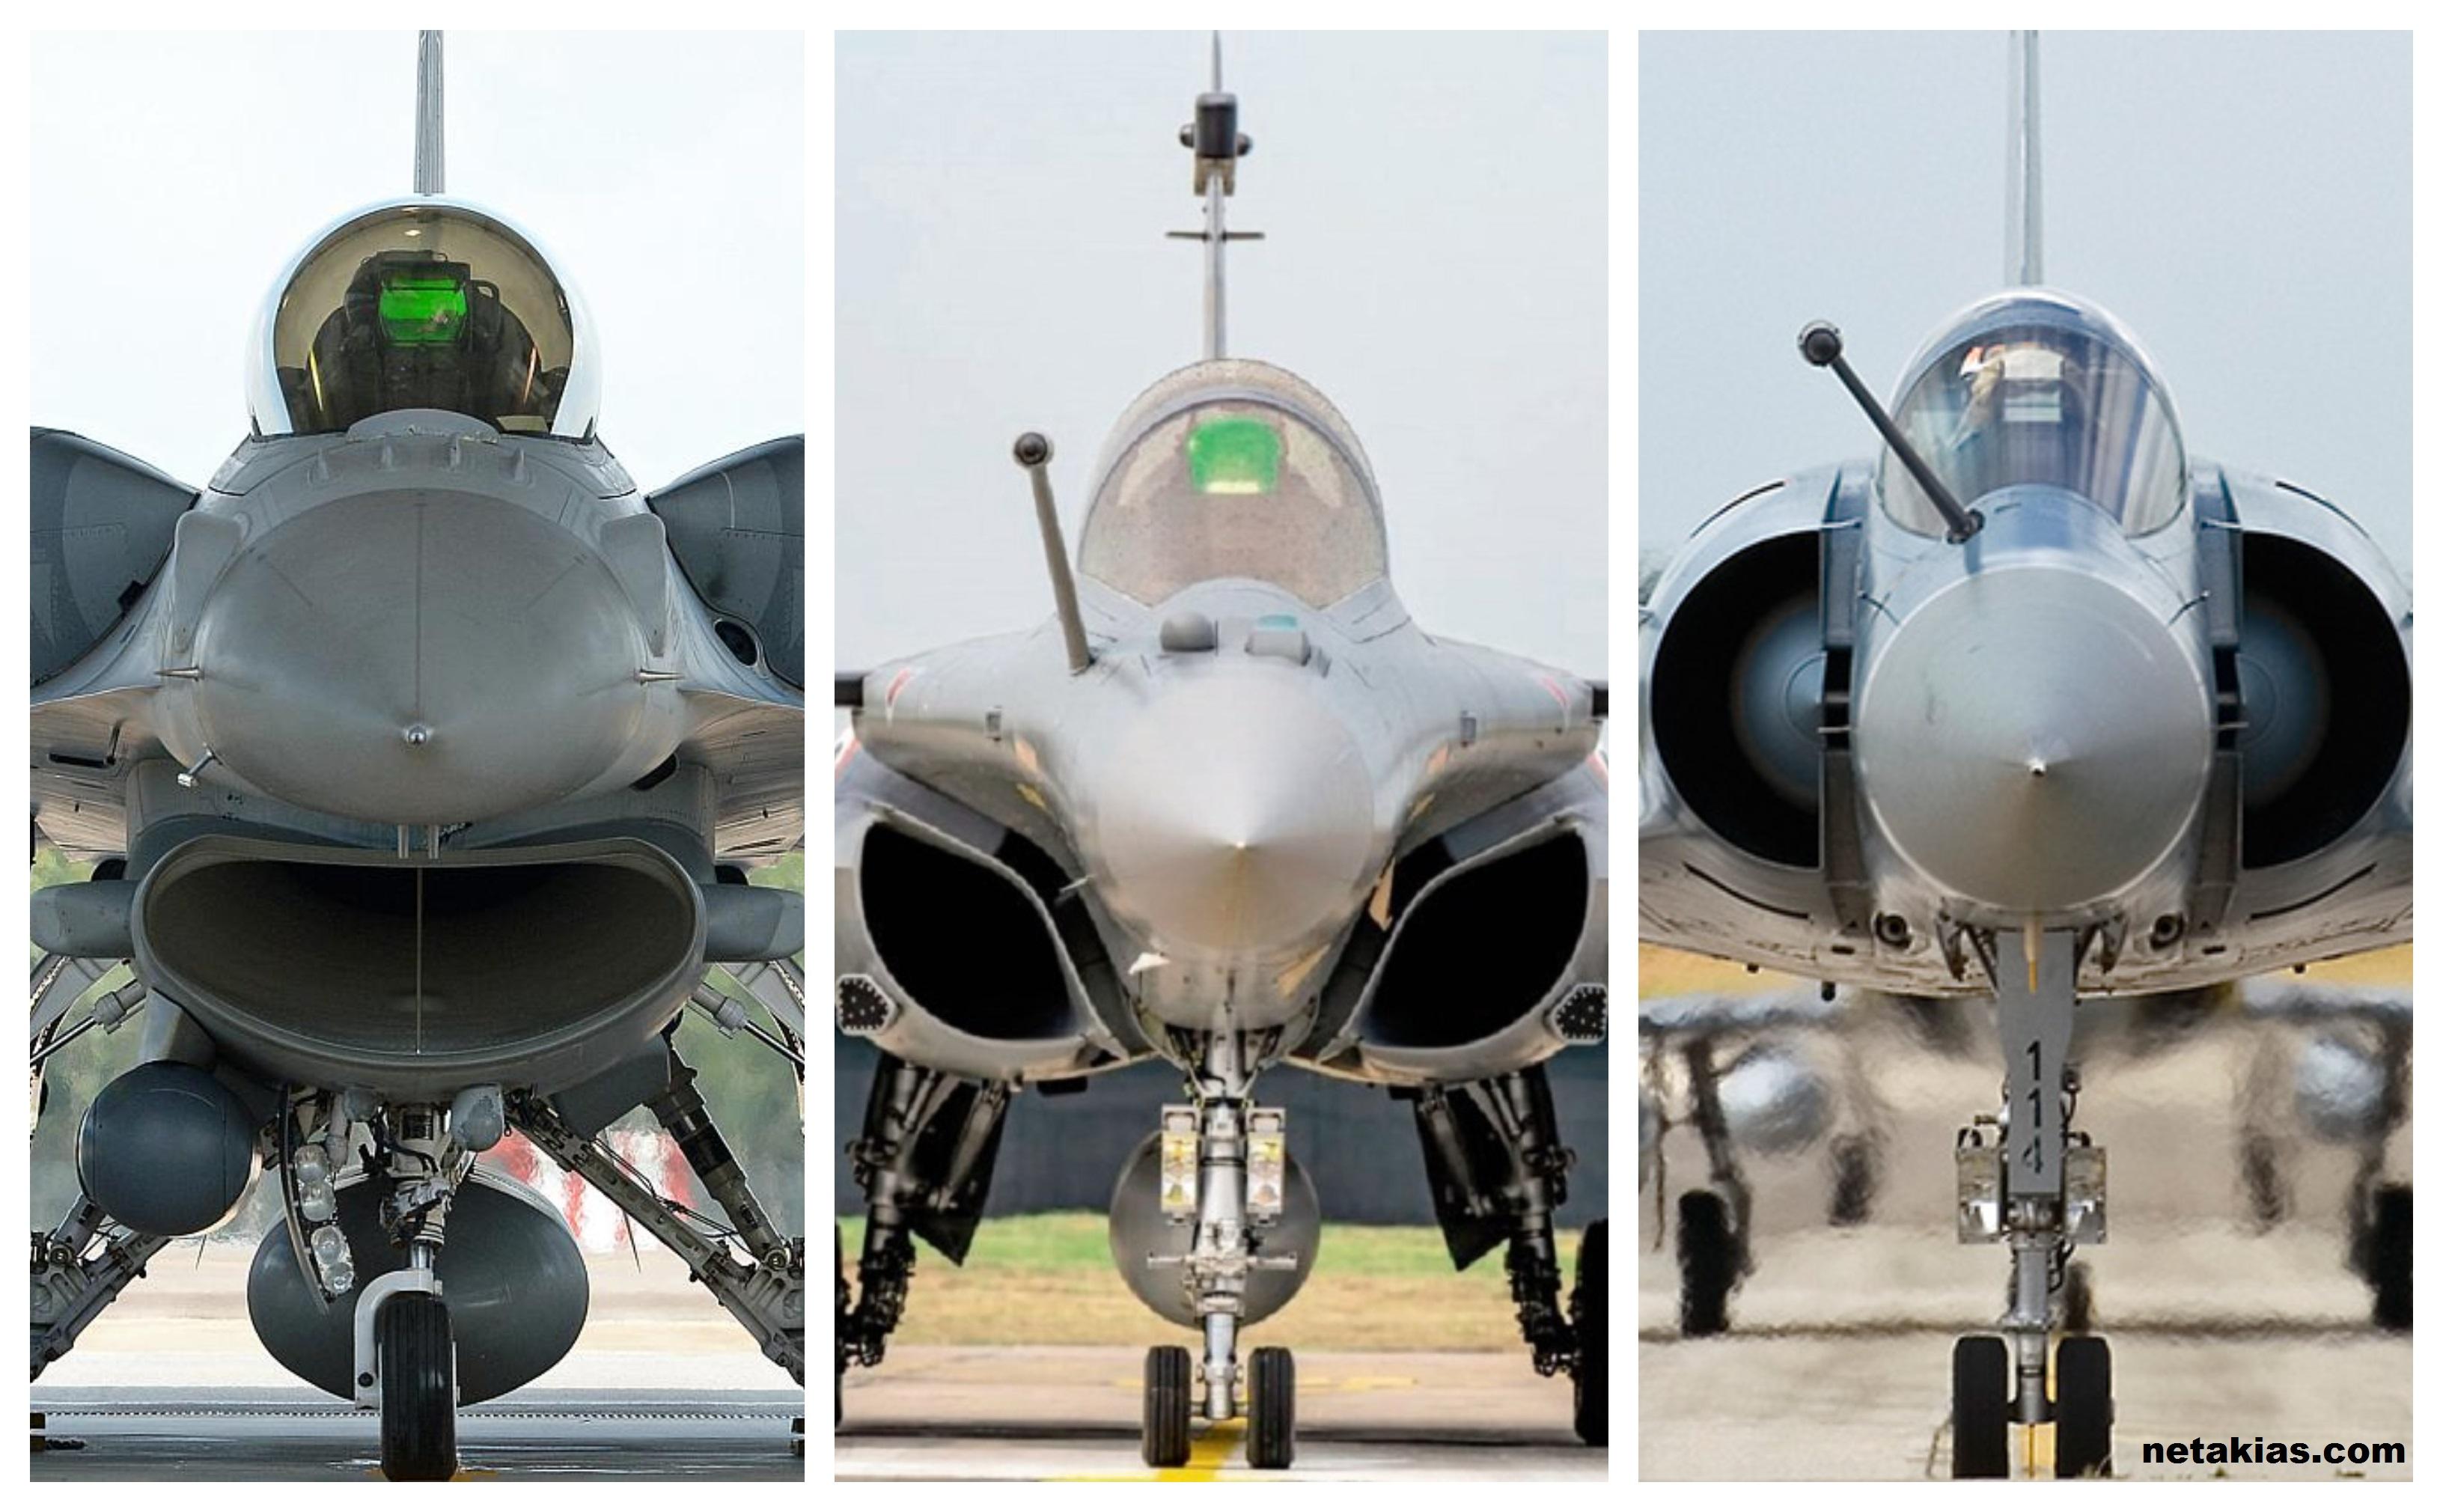 Φίλης: Η Ελλάδα πιο ισχυρή πολεμική αεροπορία στην Μεσόγειο (Βίντεο)